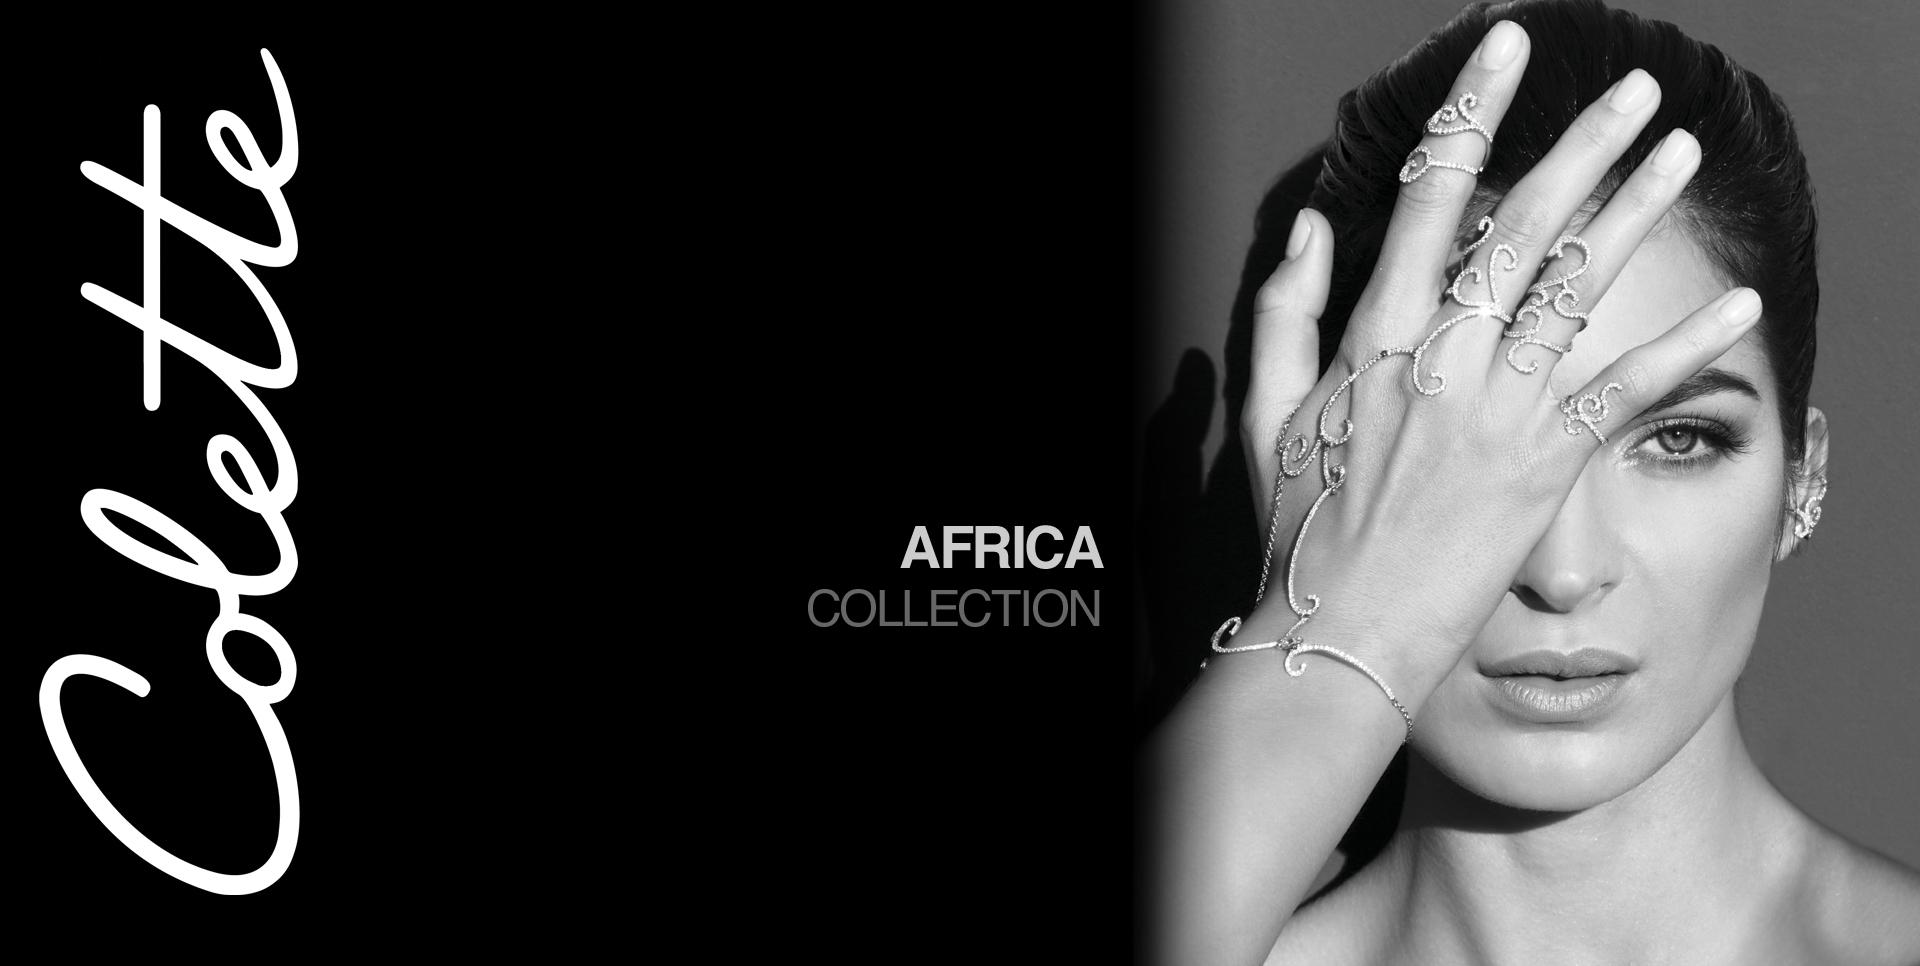 2 Africa